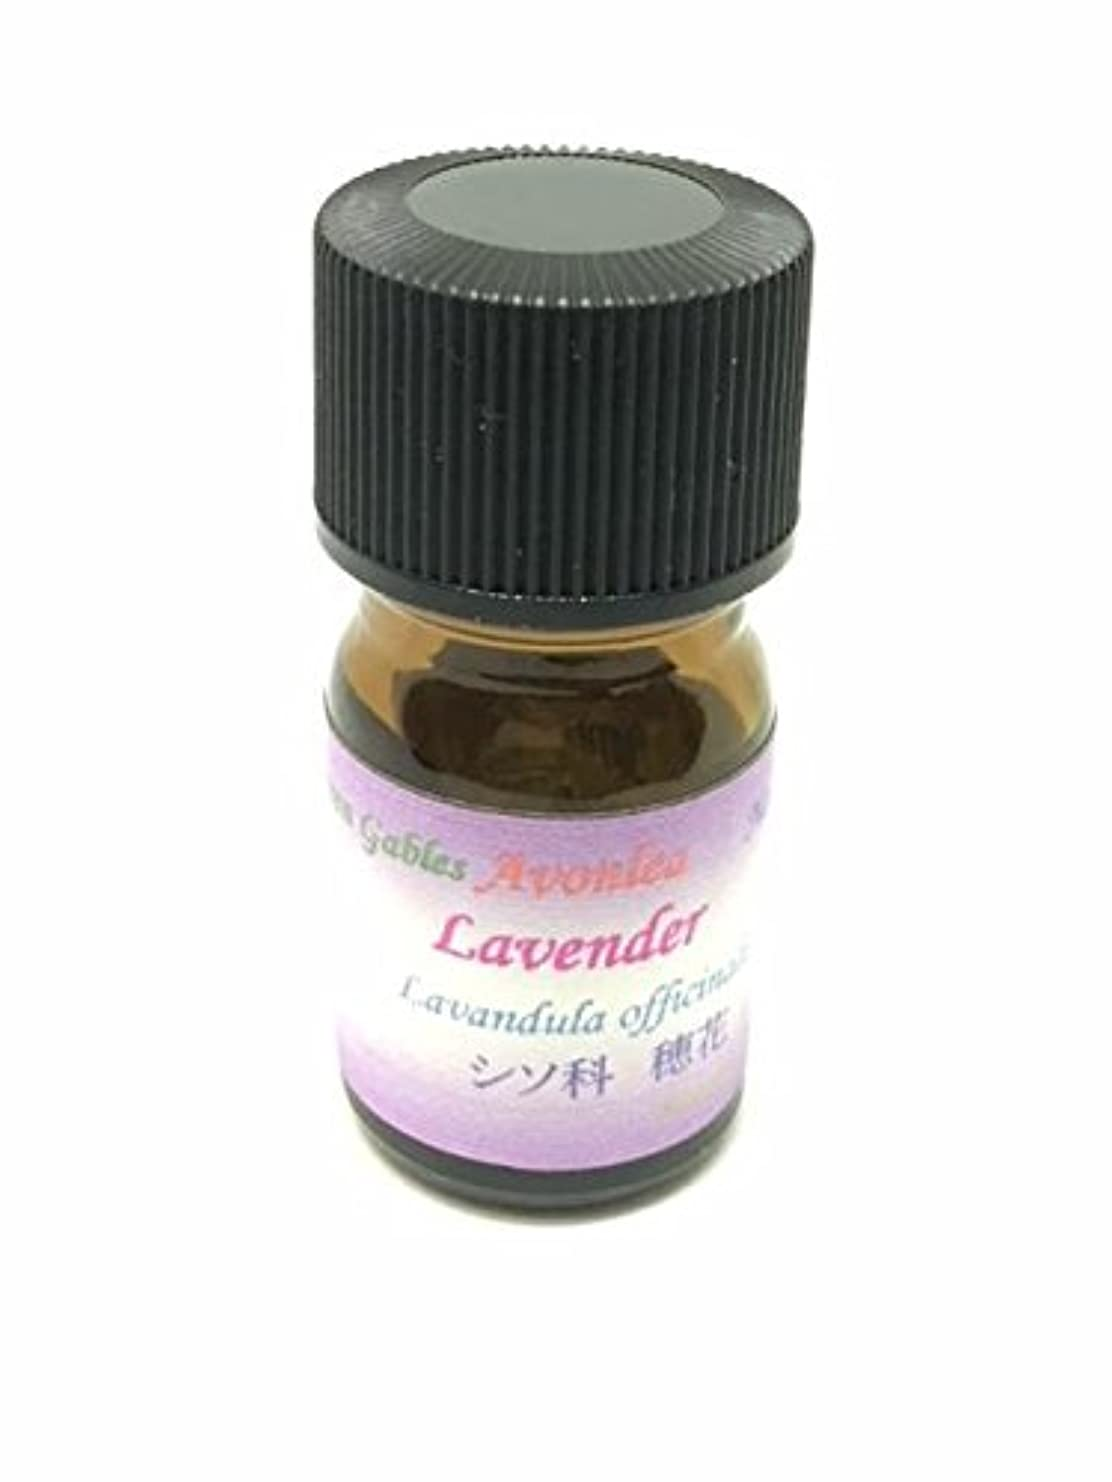 値するジョージエリオット四回ラベンダーブルガリア ピュアエッセンシャルオイル精油 Lavender Bulgaria (500ml)